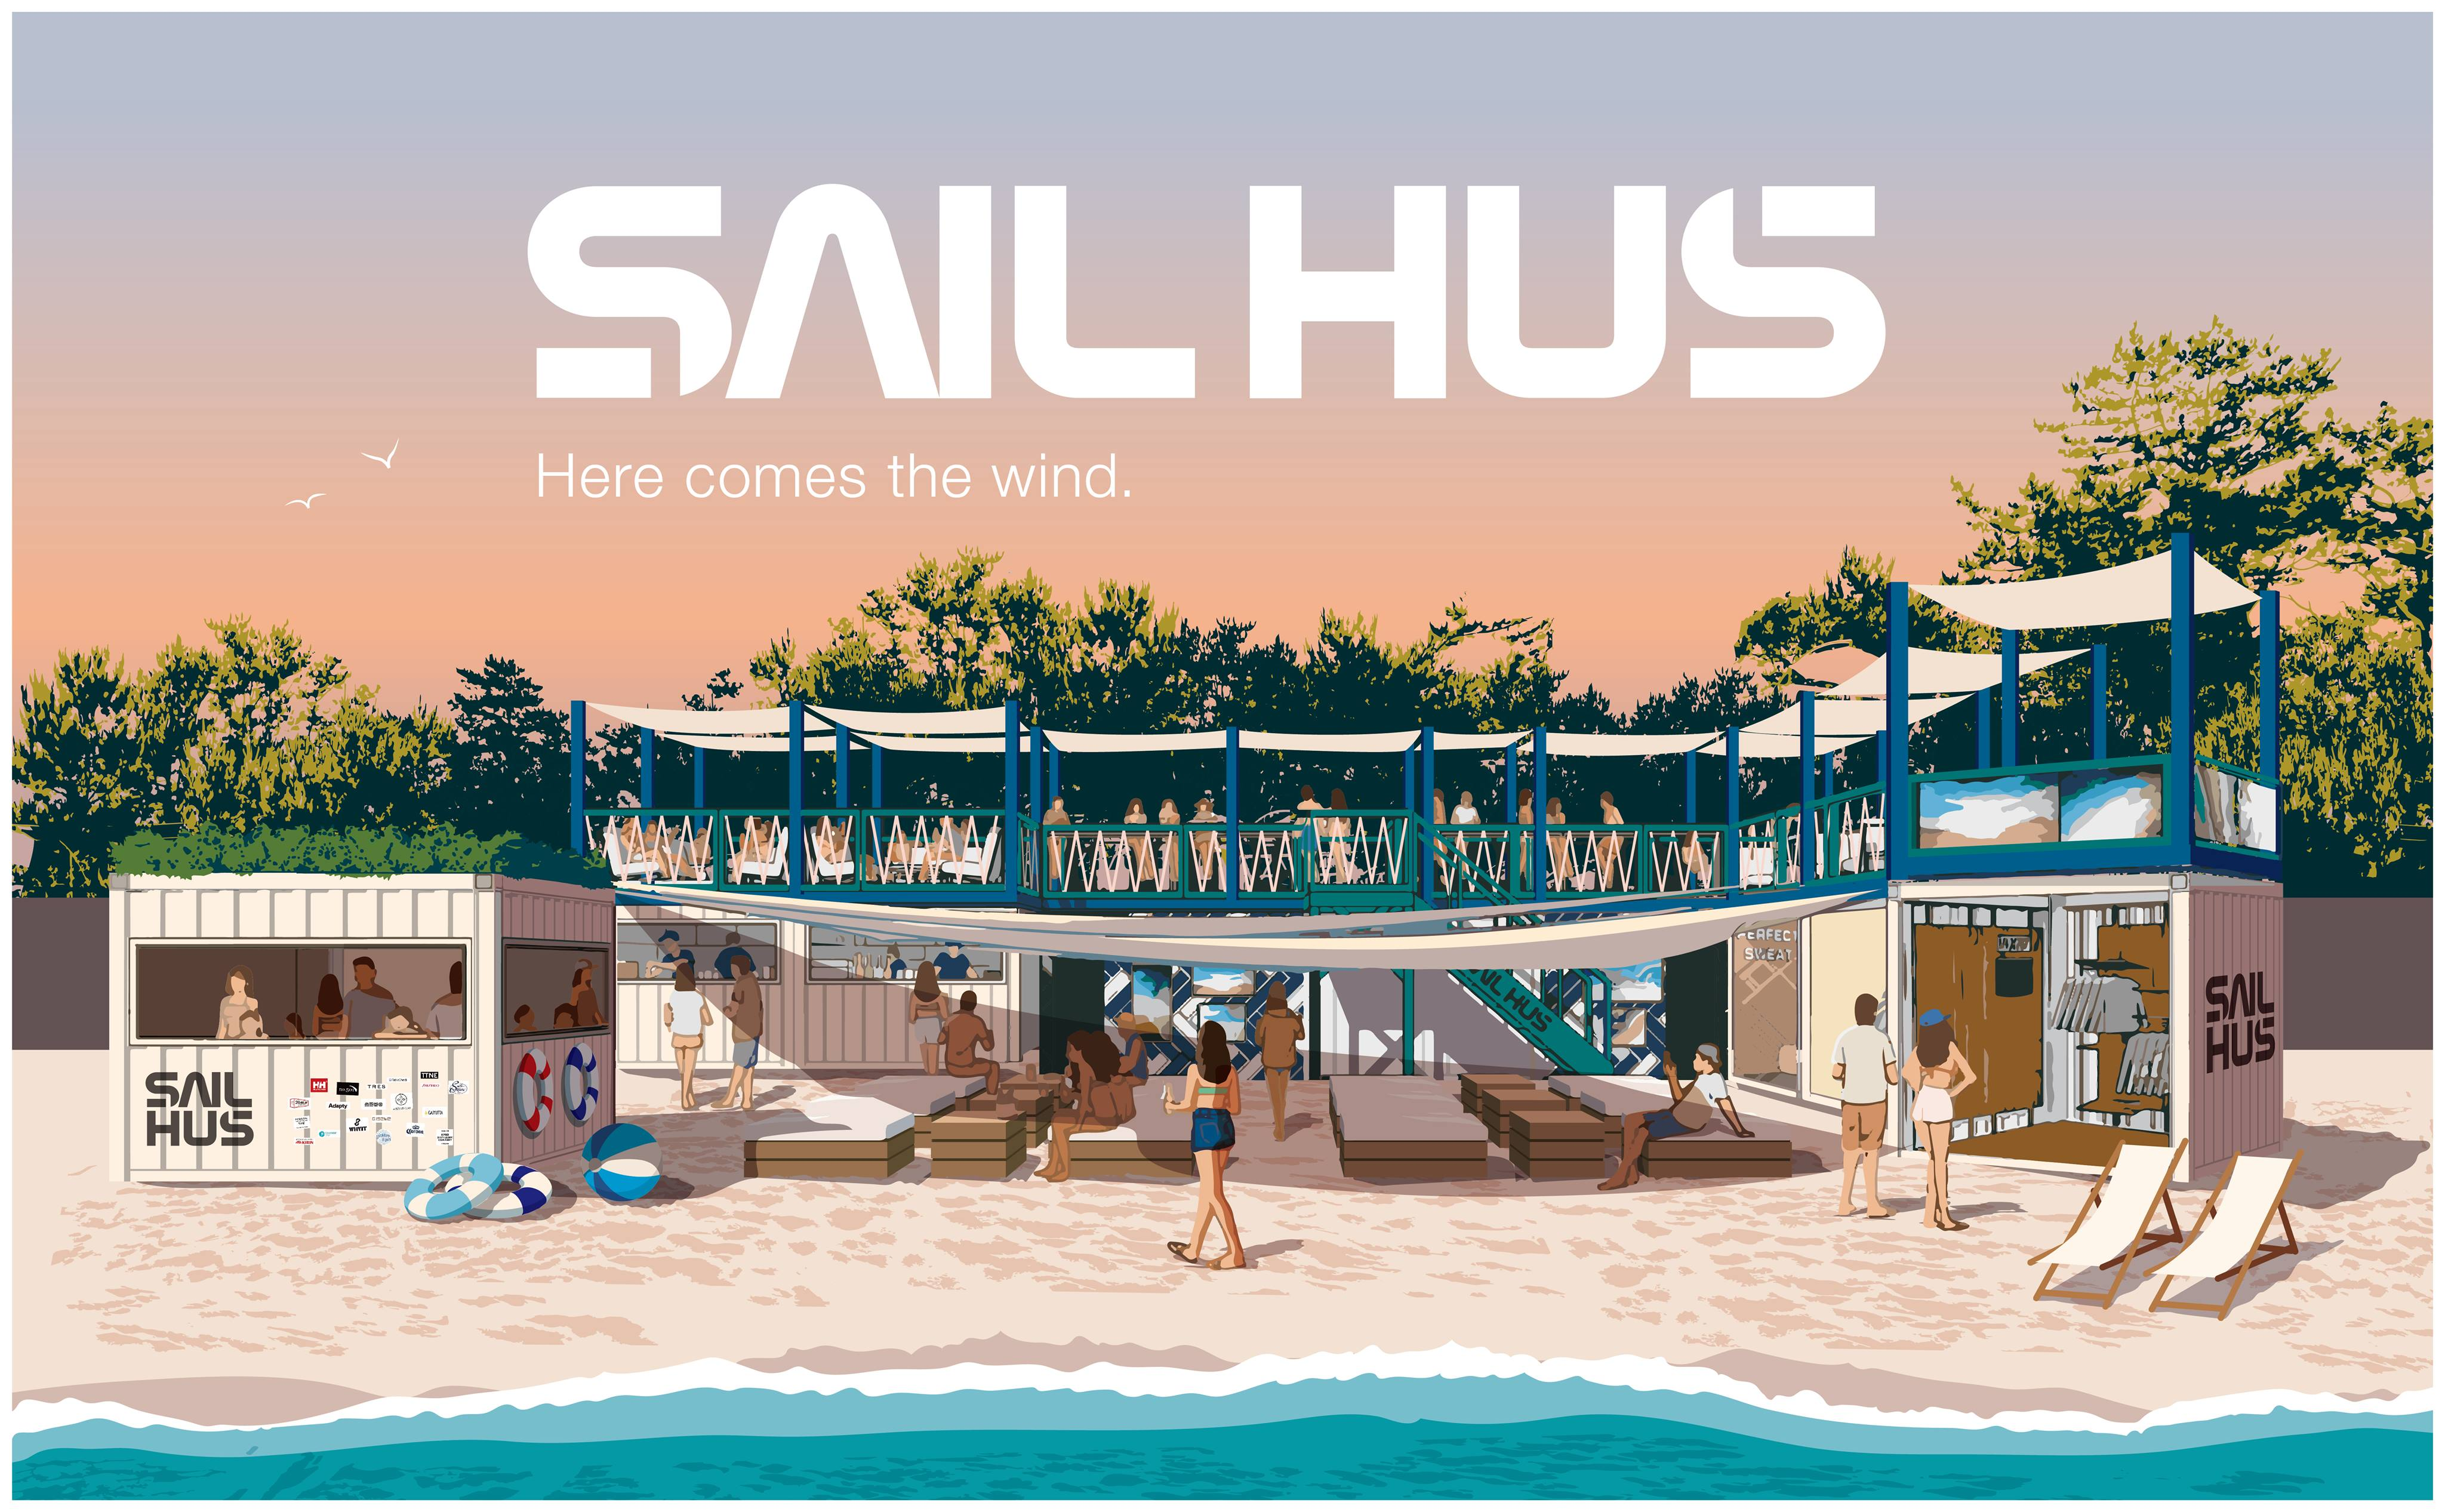 """世界No.1*ビーガンアイス、葉山のプレミアムBBQが登場!""""ストレスフリー""""でスマートな海の家「SAIL HUS」オープン"""